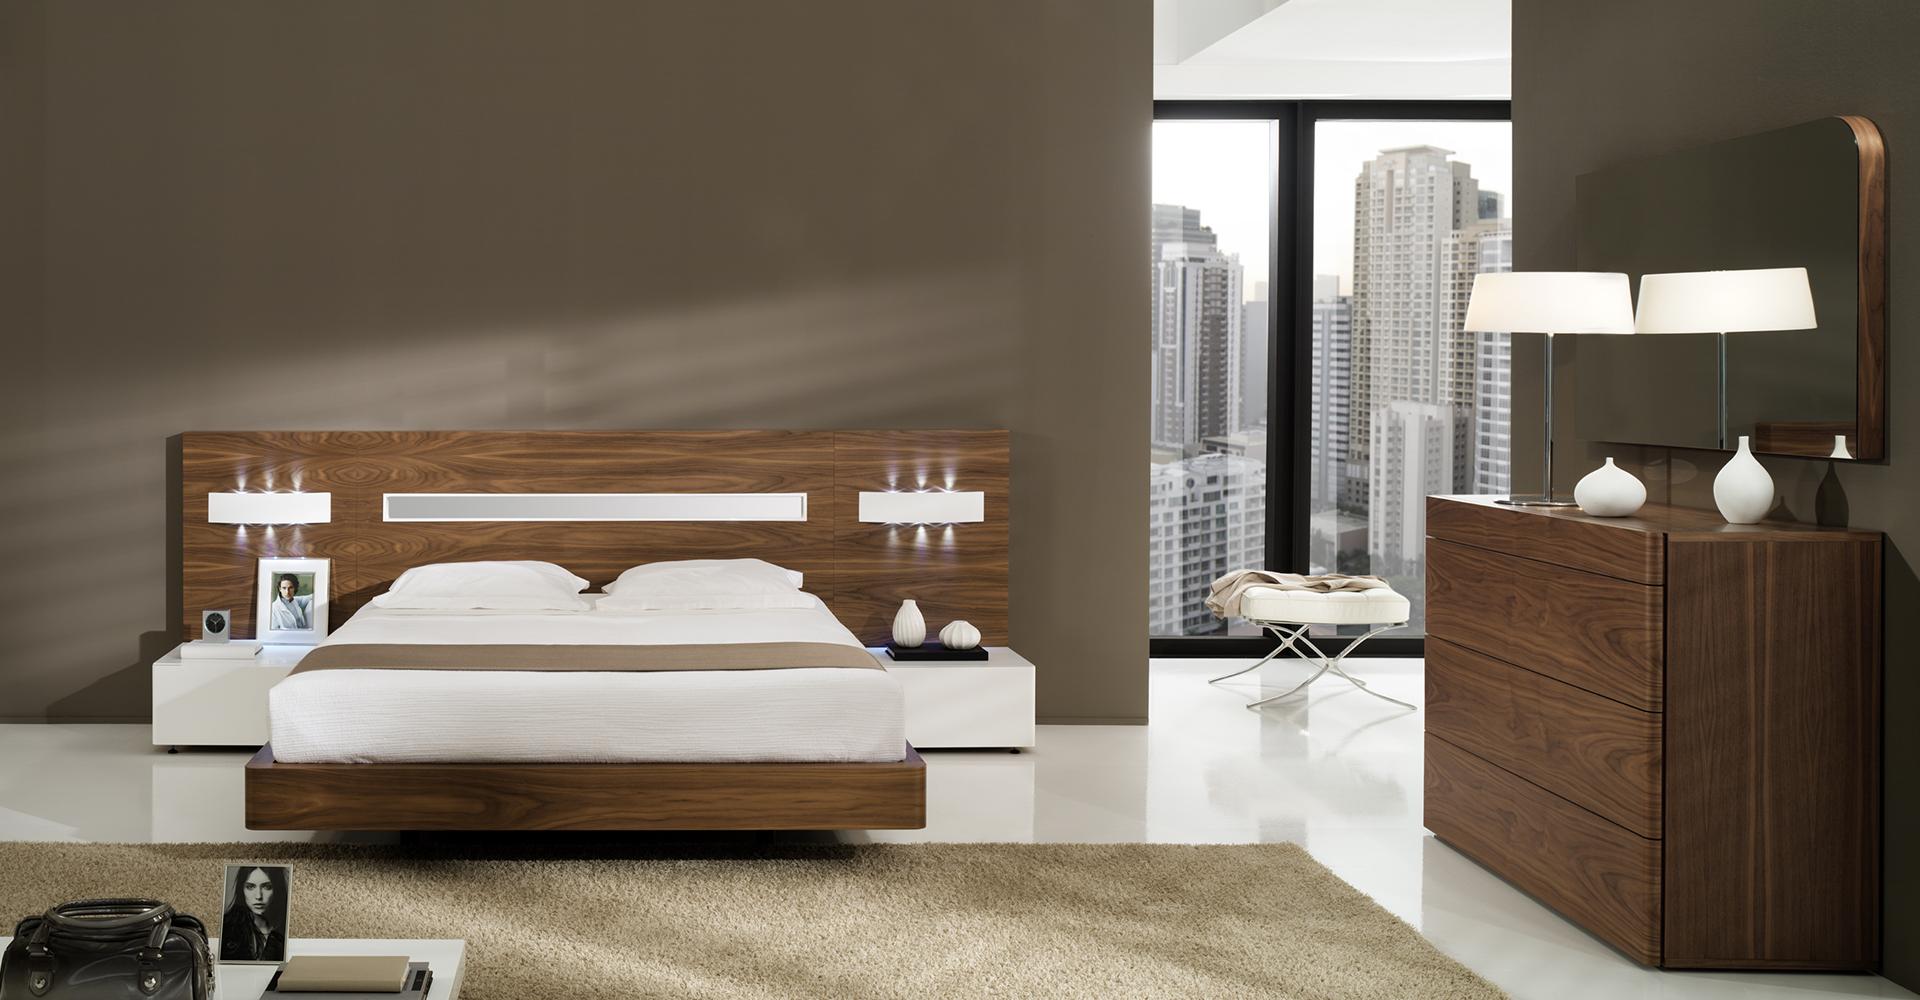 Dormitorio de Matrimonio Moderno (11)